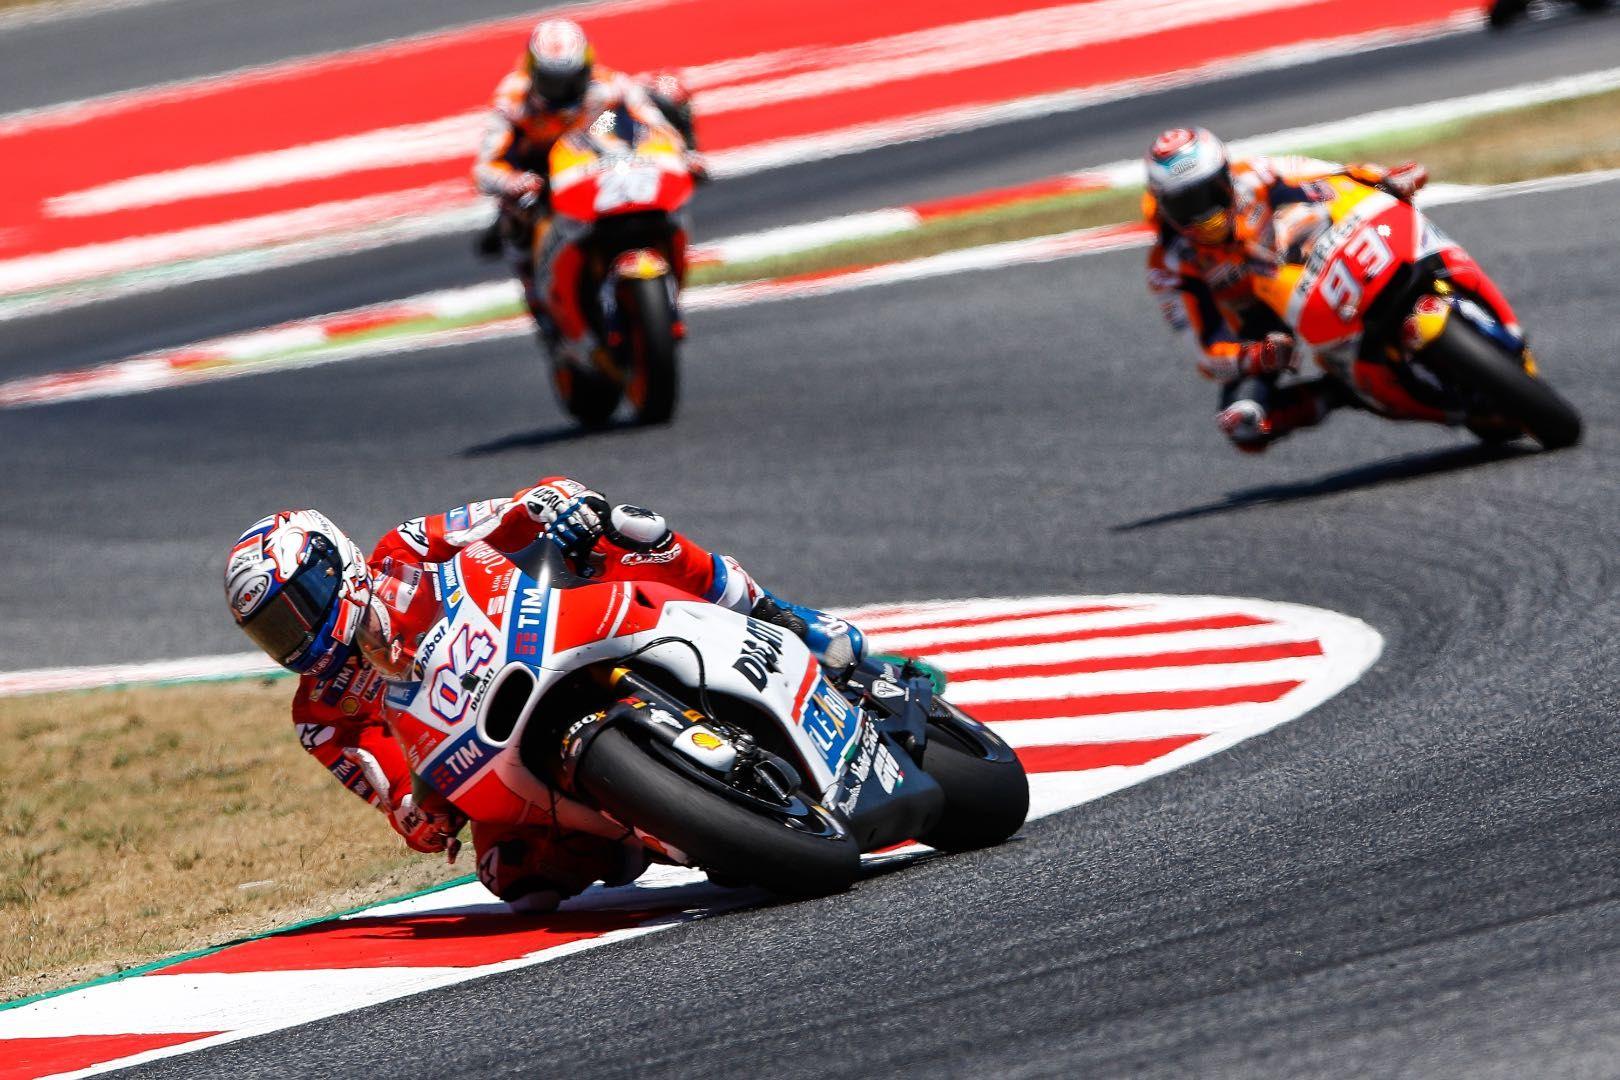 Watch MotoGP Catalunya Grand Prix Live Stream Online